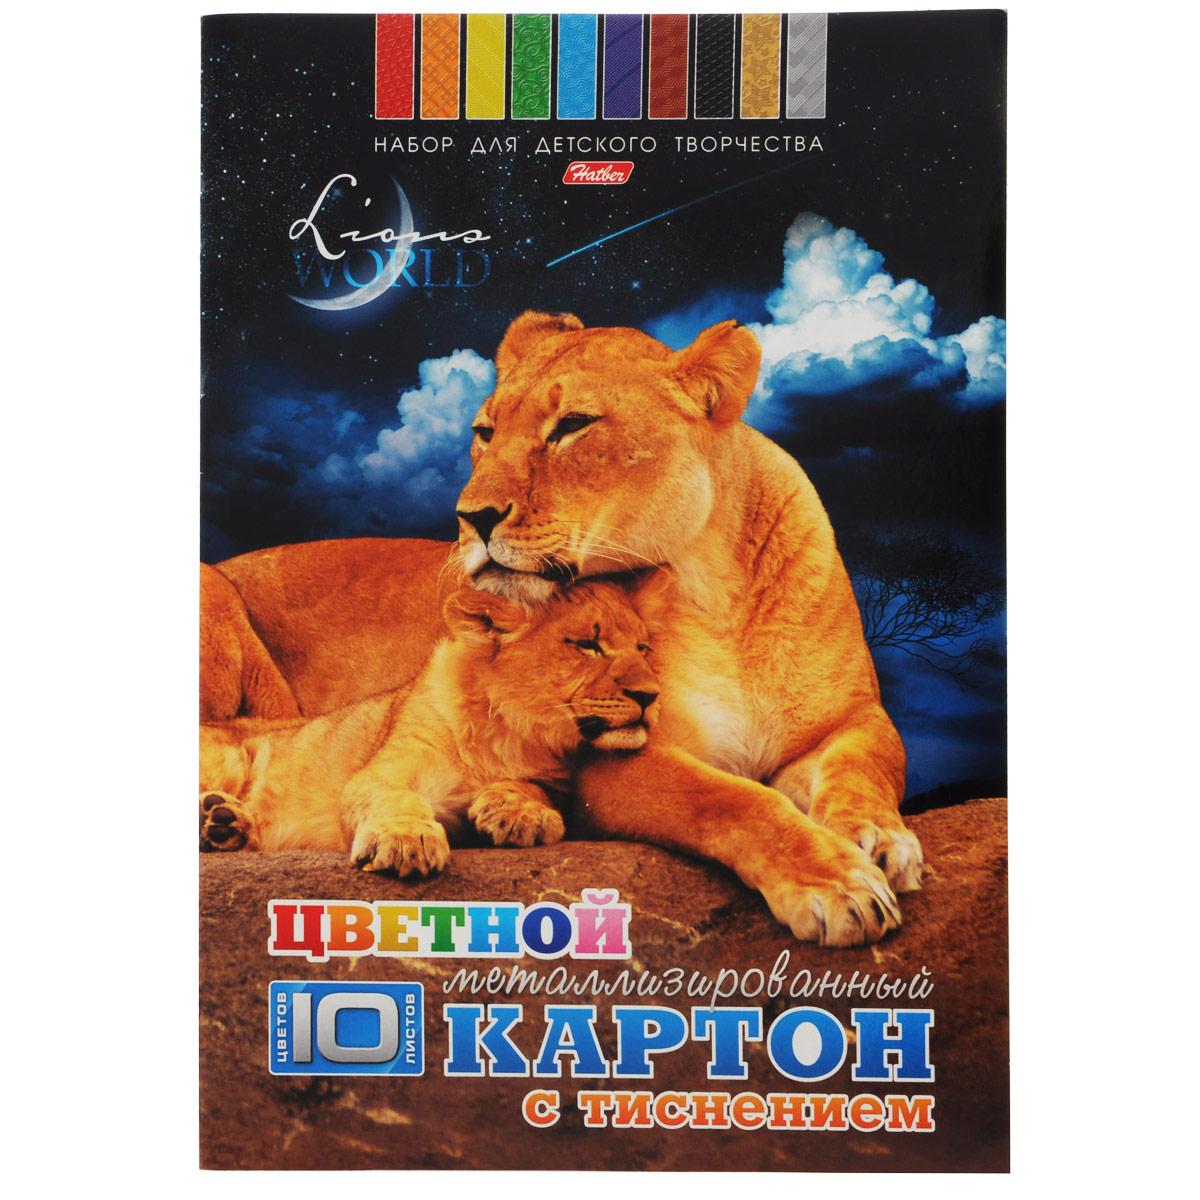 Цветной картон Hatber Мамина любовь, металлизированный, с тиснением, 10 листов72523WDЦветной металлизированный картон Hatber Мамина любовь позволит вашему ребенку создавать всевозможные аппликации и поделки. Набор состоит из десяти листов картона зеленого, красного, сине-фиолетового, черного, золотистого, серебристого, коричневого, желтого, светло-зеленого и синего цветов с объемным тиснением различными узорами. Картон упакован в яркую оригинальную картонную папку. Создание поделок из цветного картона поможет ребенку в развитии творческих способностей, кроме того, это увлекательный досуг.Рекомендуемый возраст от 6 лет.